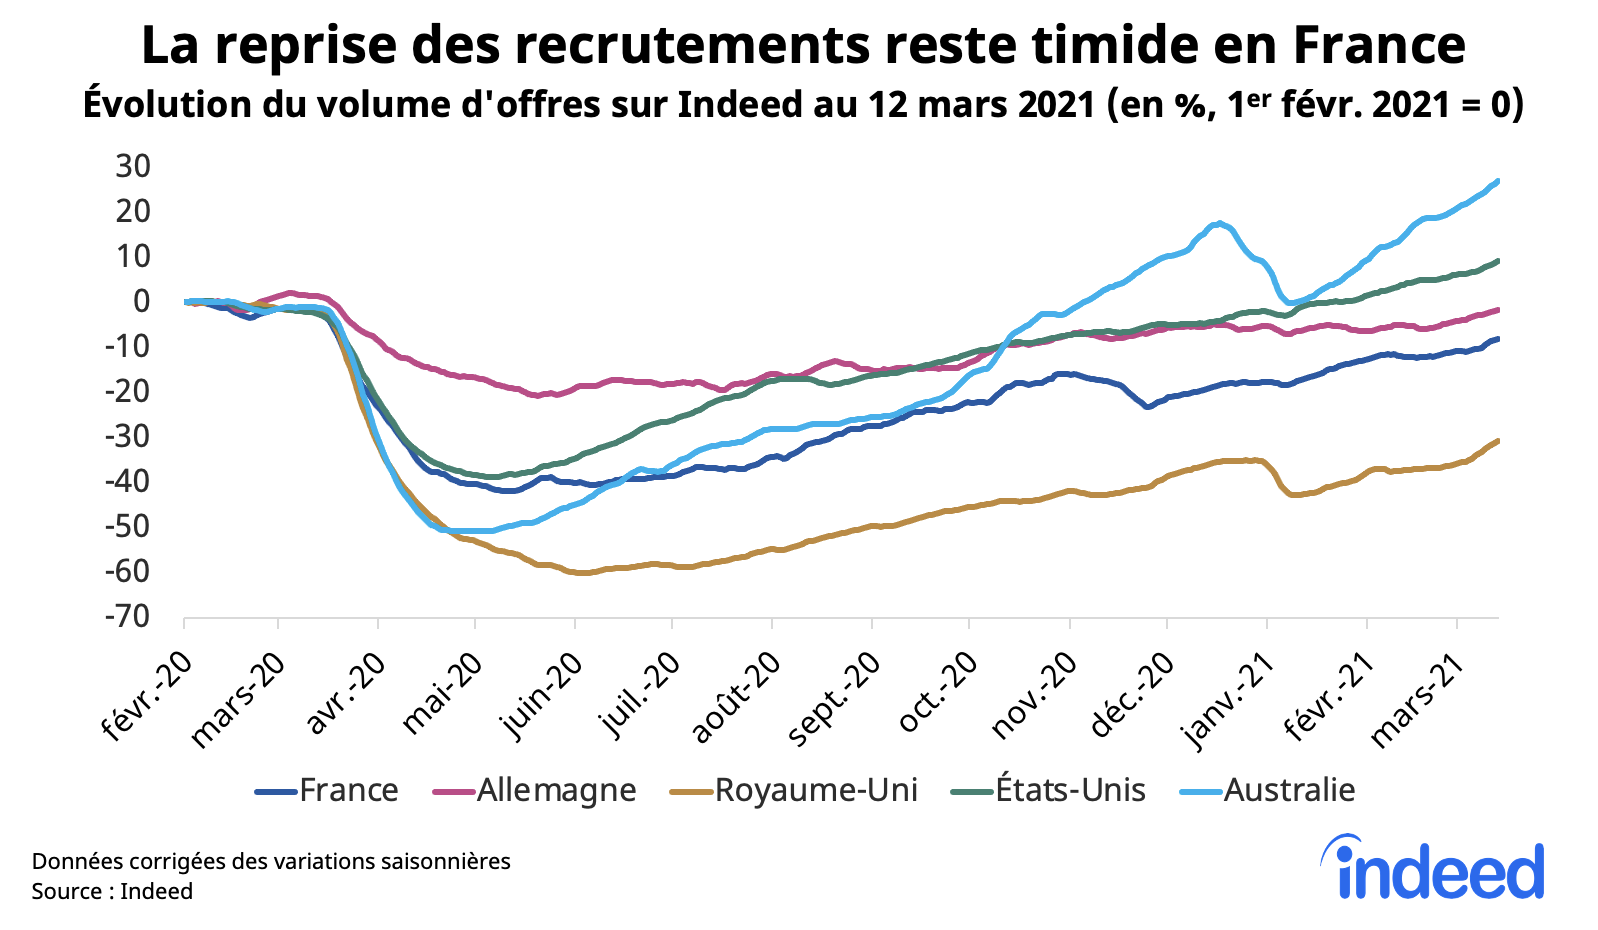 La reprise des recrutements reste timide en France